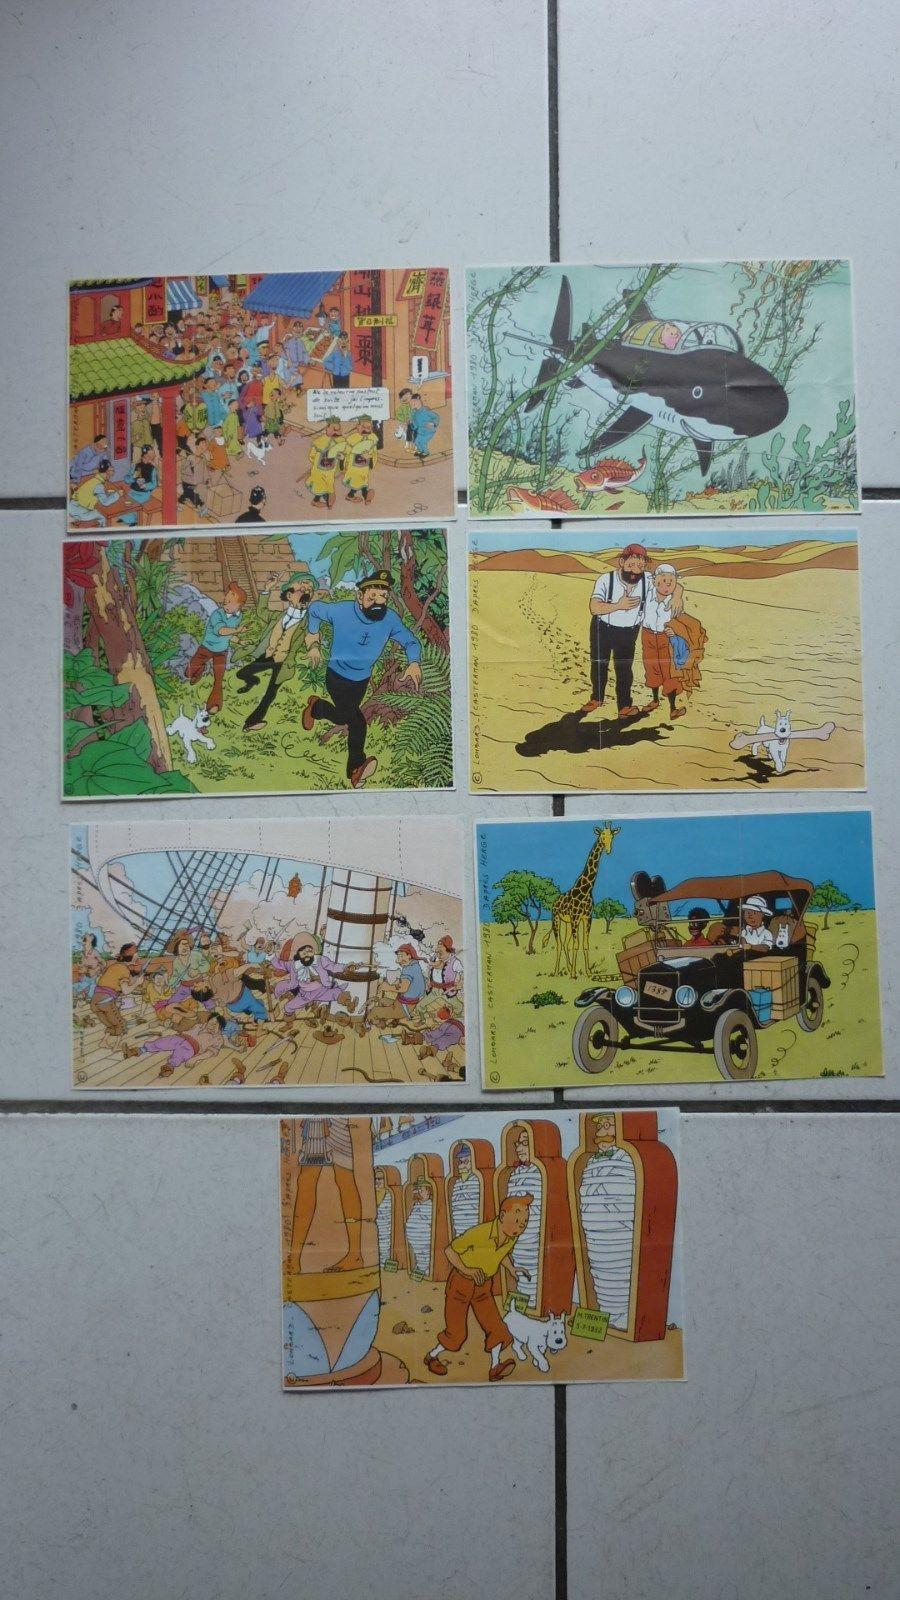 les trouvailles de Lolo49 - Page 21 S-l16058